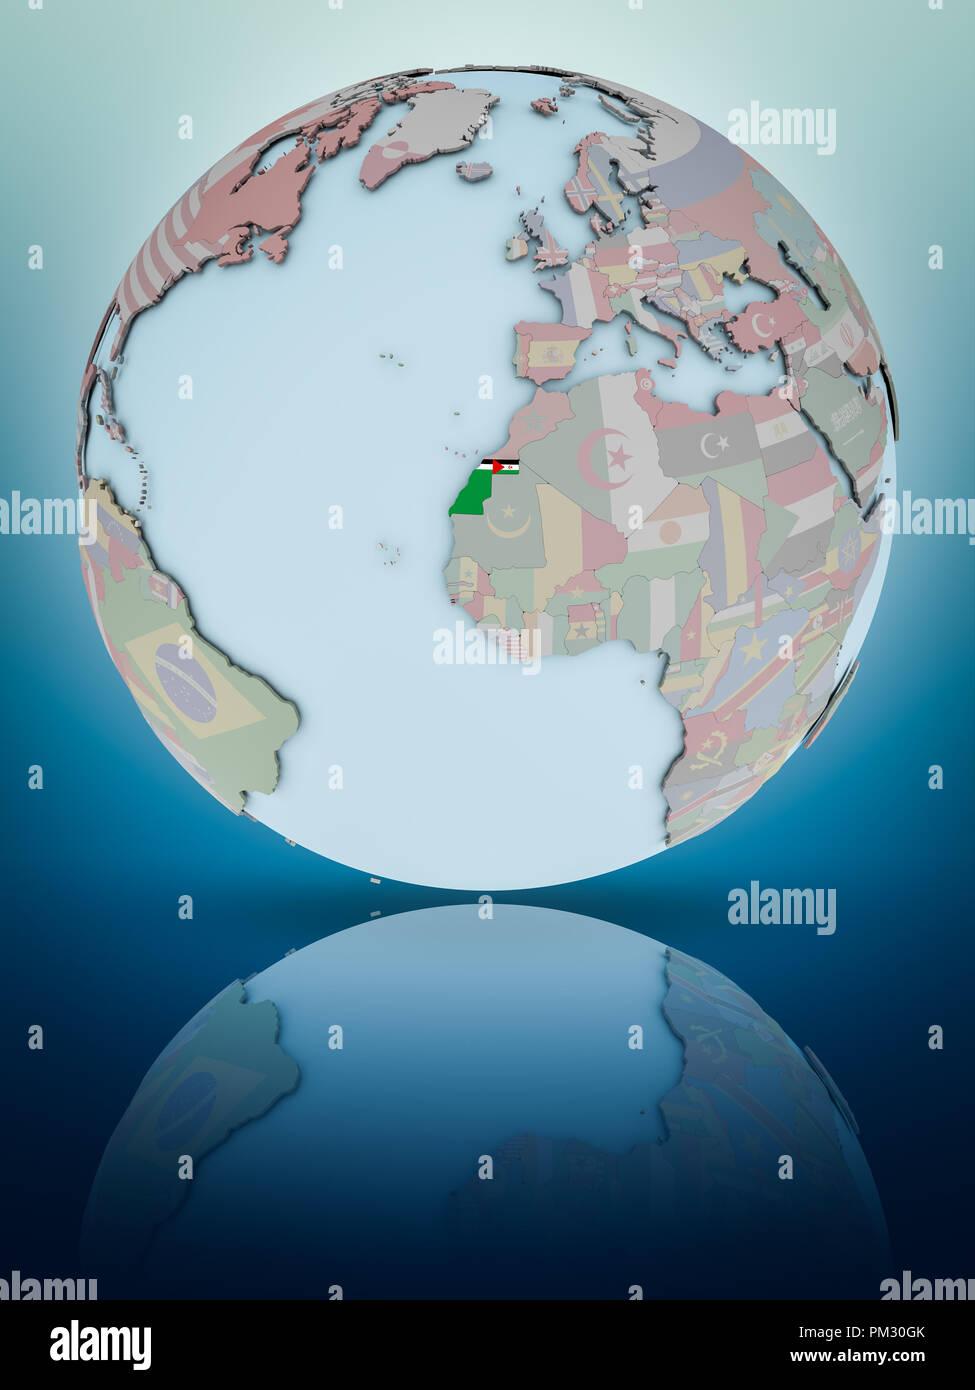 Western Sahara with national flag on globe reflecting on shiny surface. 3D illustration. - Stock Image